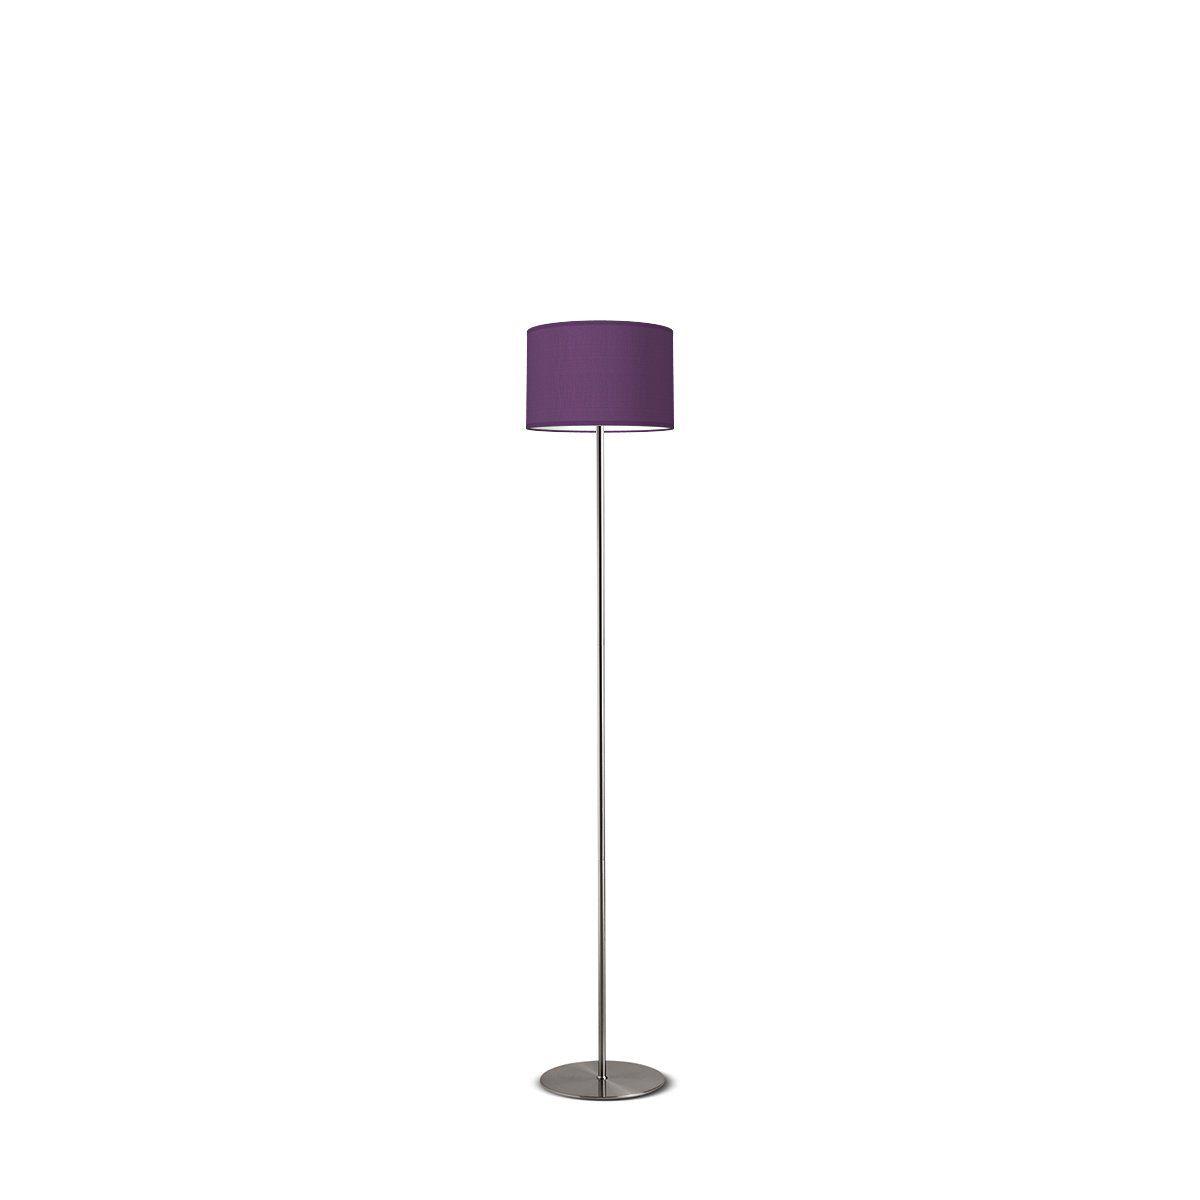 vloerlamp Lift ↕ 138 cm - mat staal